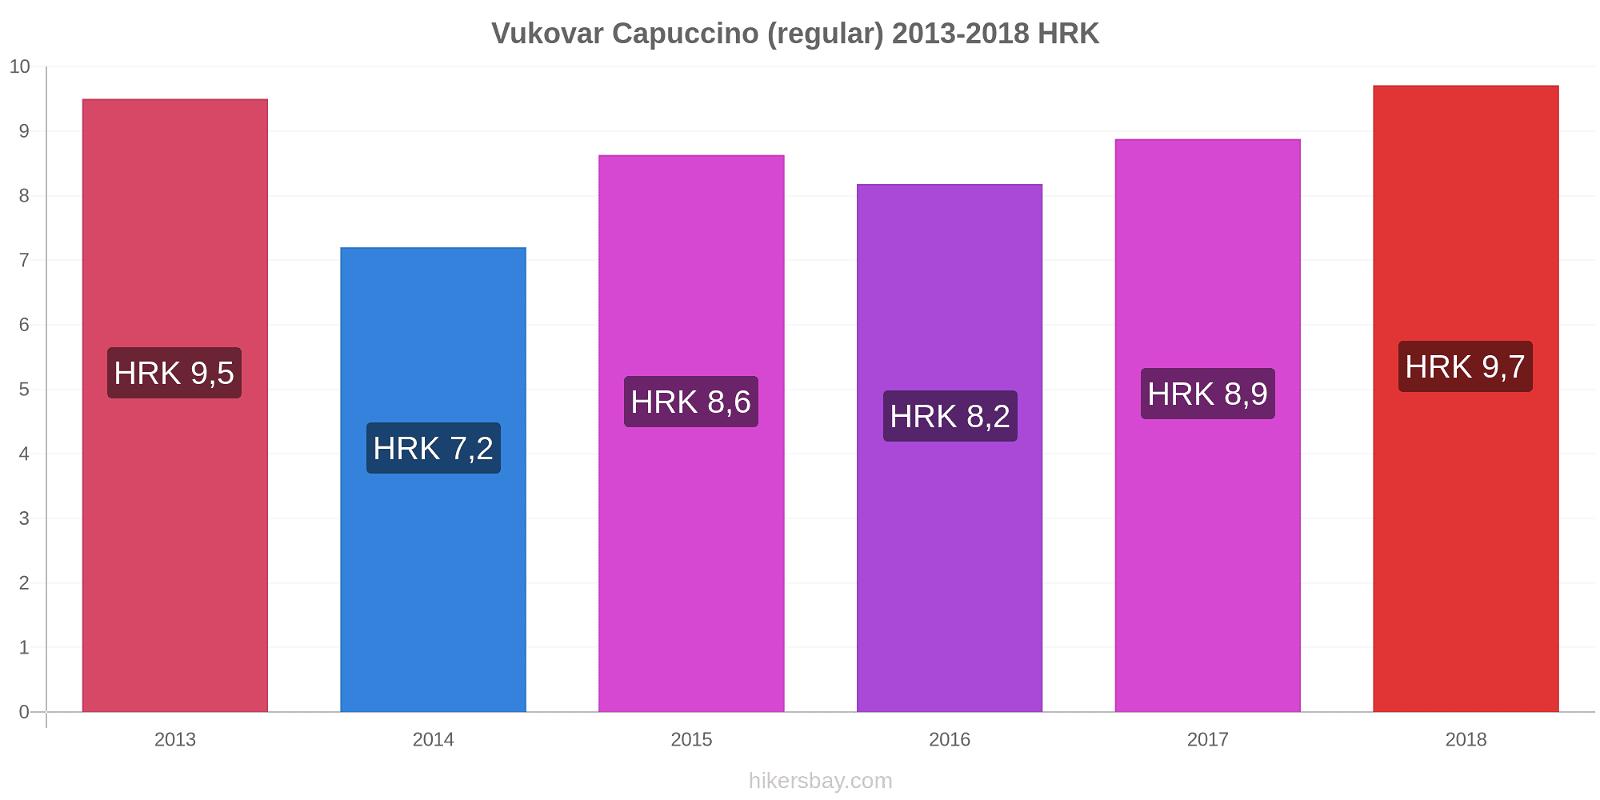 Vukovar variação de preço Capuccino (regular) hikersbay.com